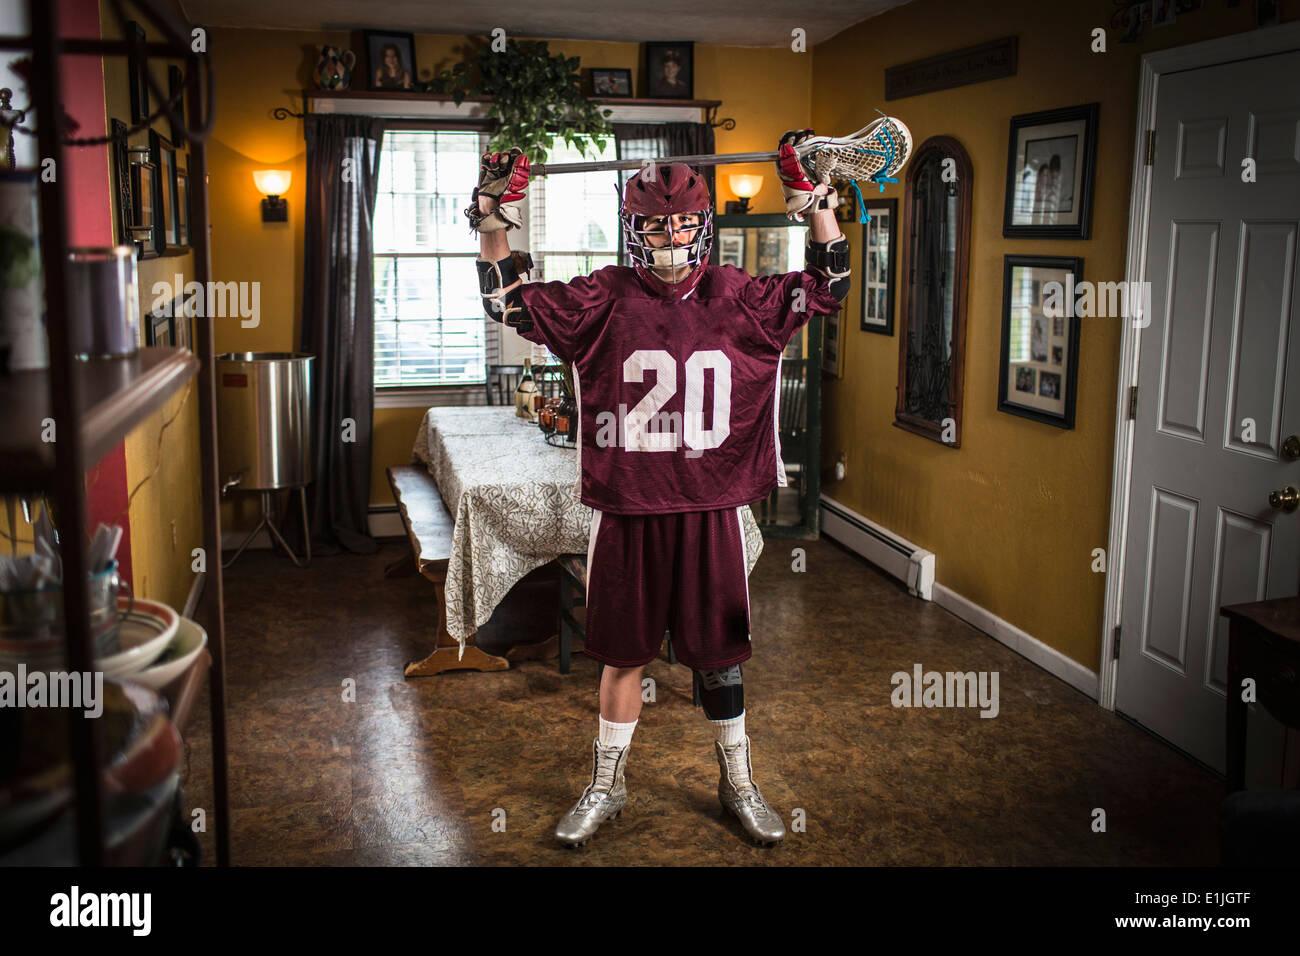 Ragazzo adolescente indossando lacrosse uniforme, in piedi in sala da pranzo Immagini Stock